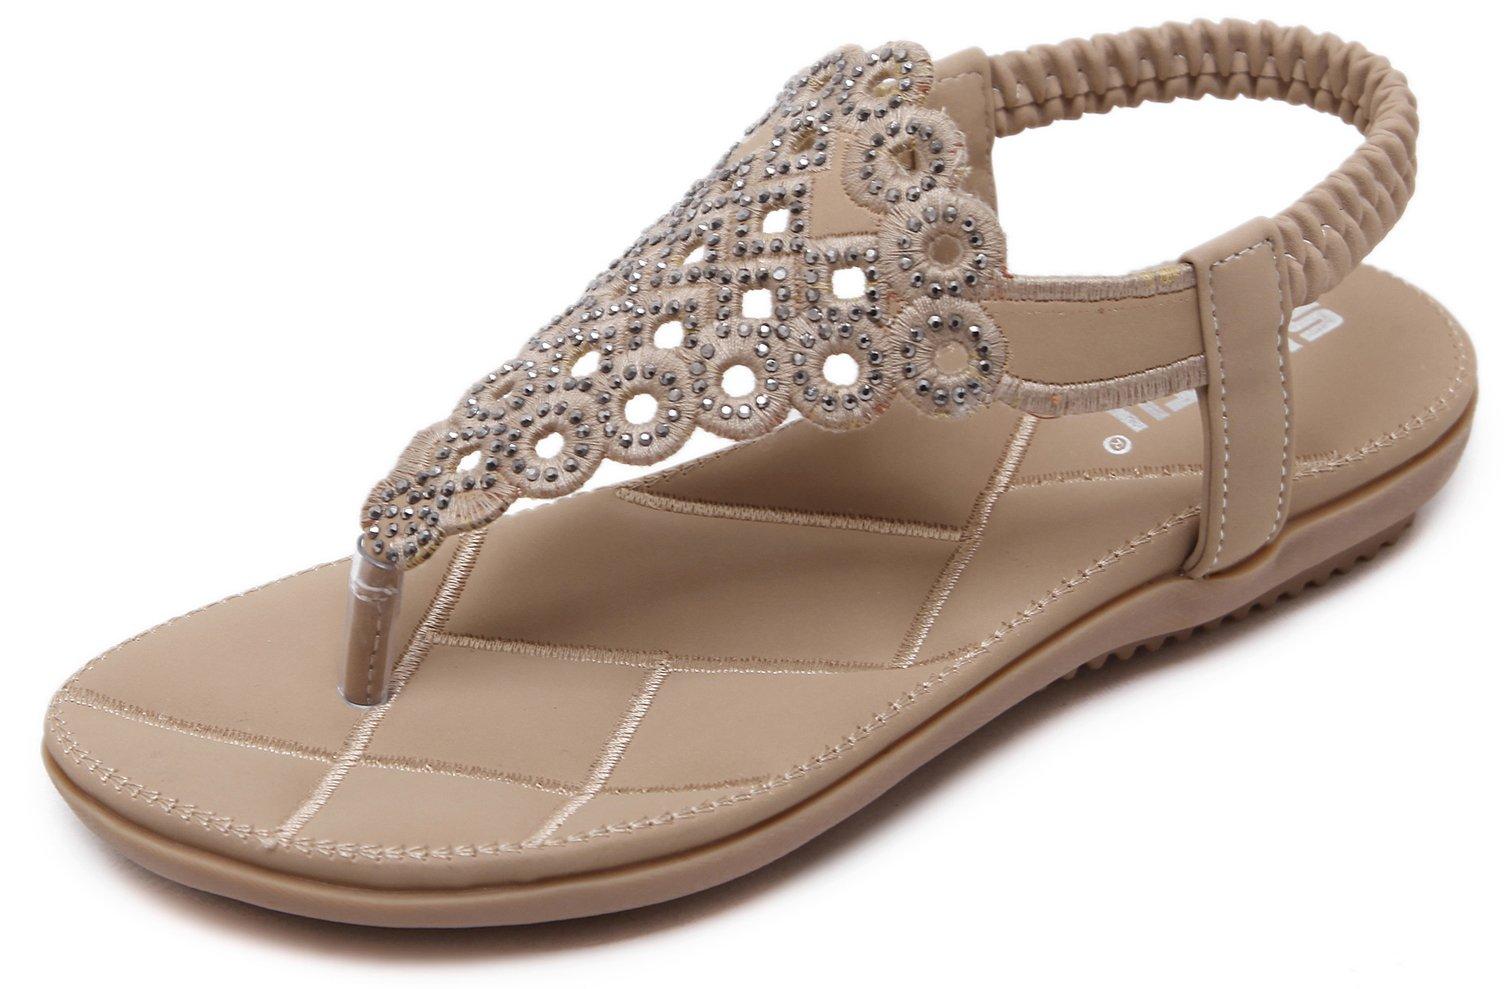 4ea1a4ae3de7 Women s Summer Blingbling Thong Flat Sandals